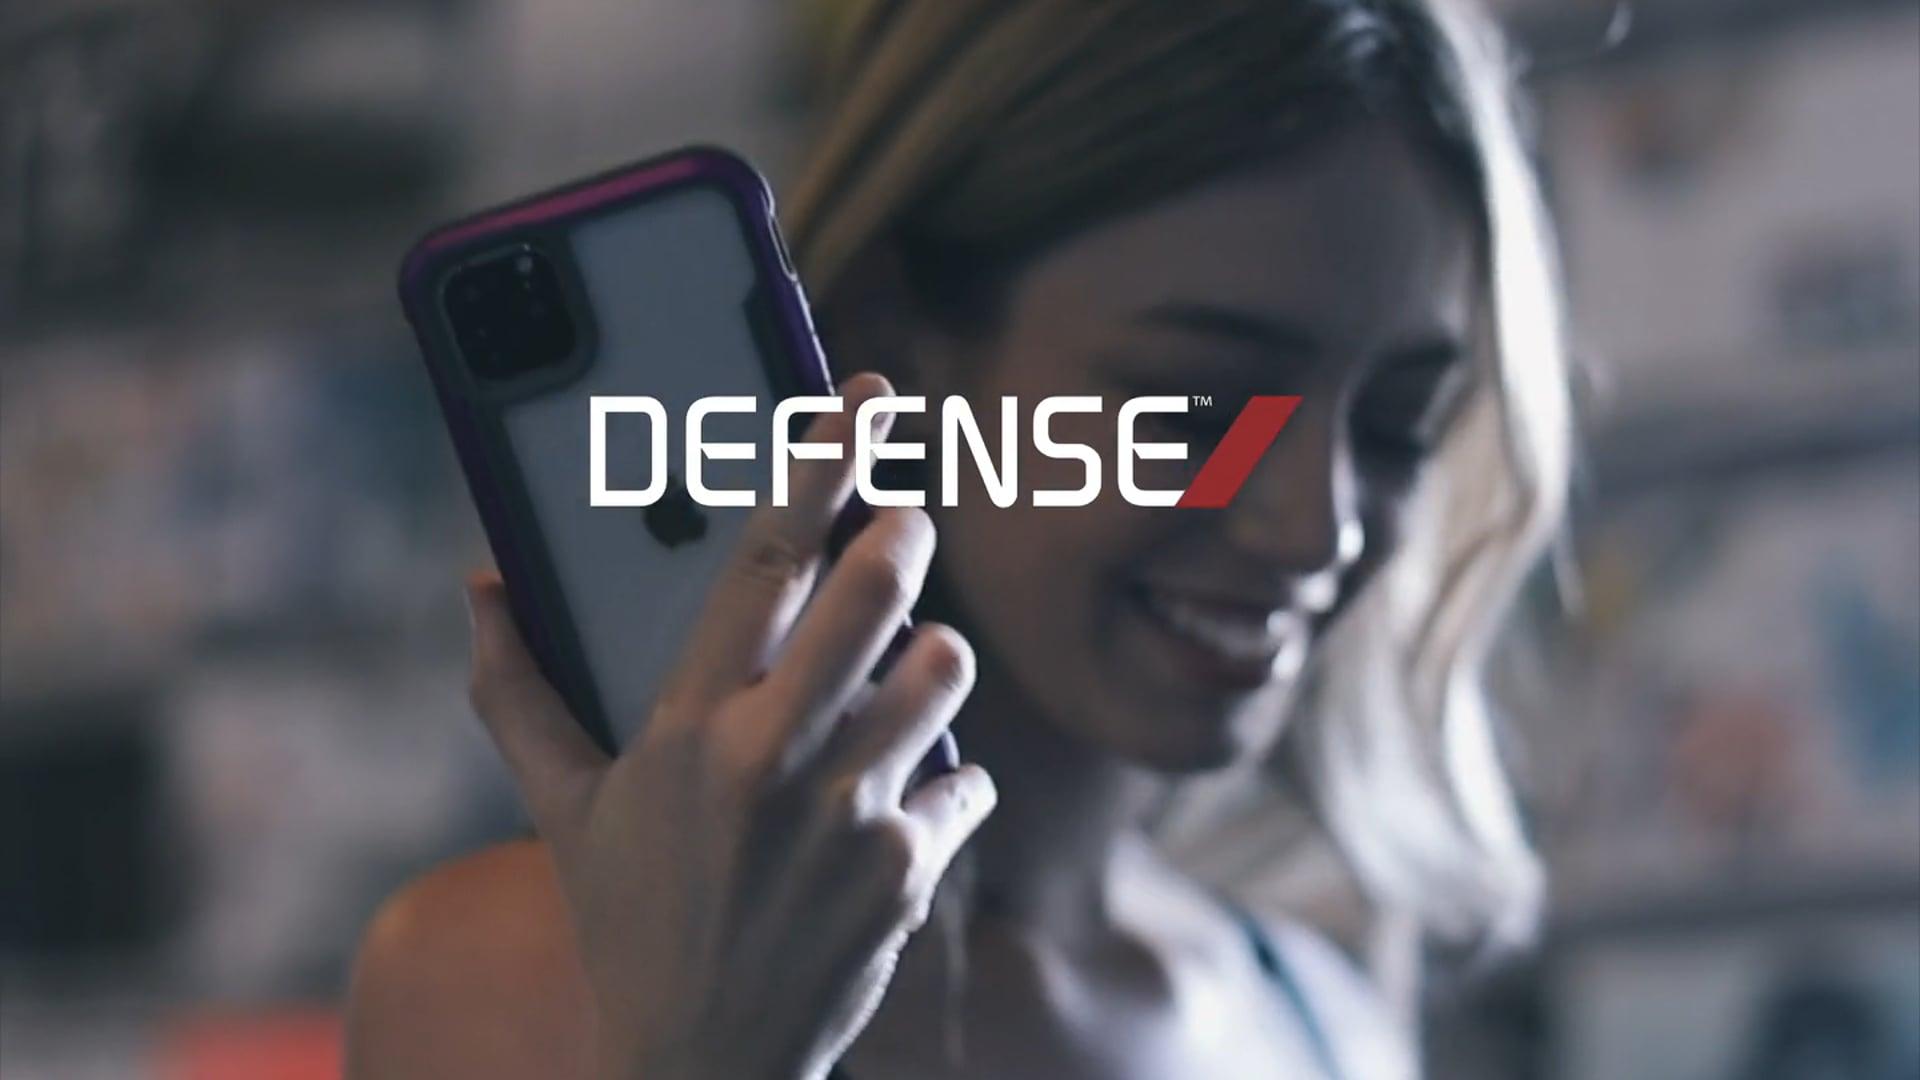 Defensebrand